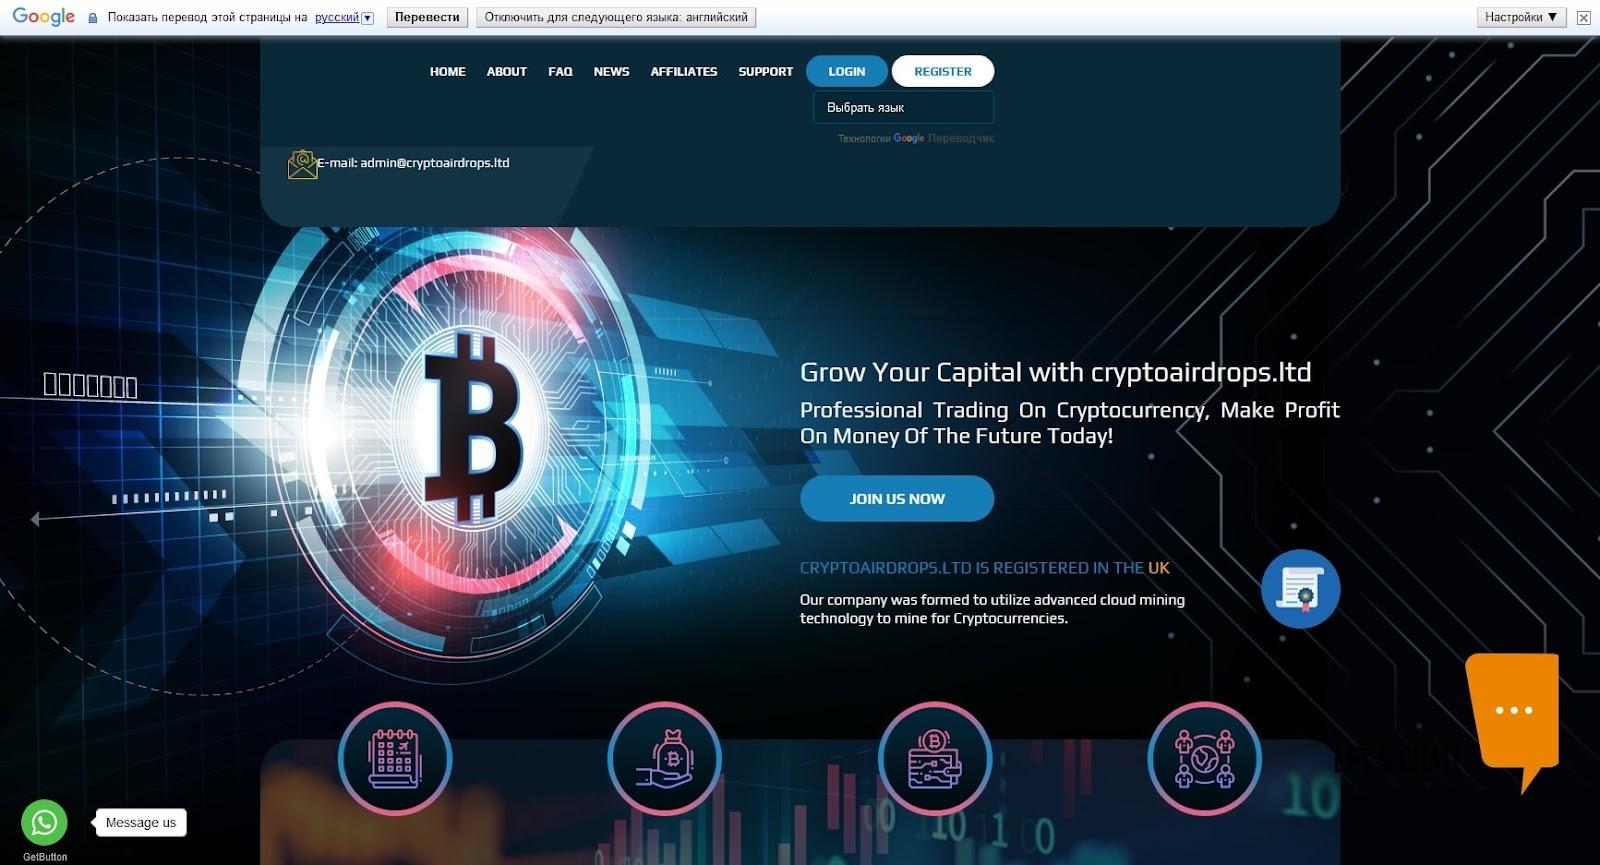 Обзор платформы для инвестиций Cryptoairdrops.ltd, анализ отзывов реальные отзывы